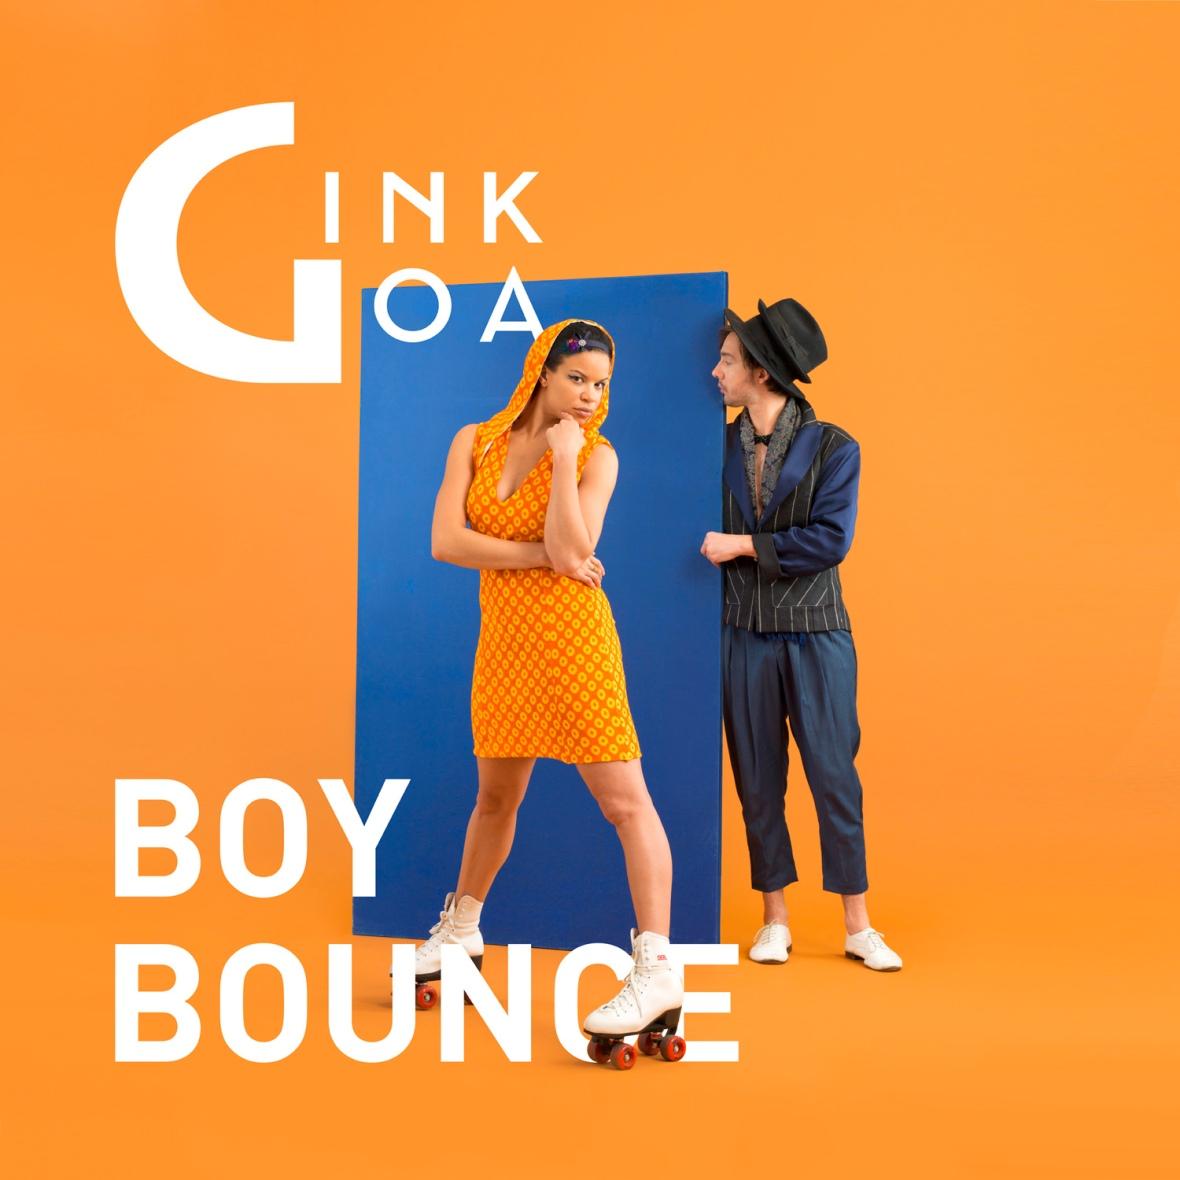 Ginkgoa - Boy Bounce (Official Video)